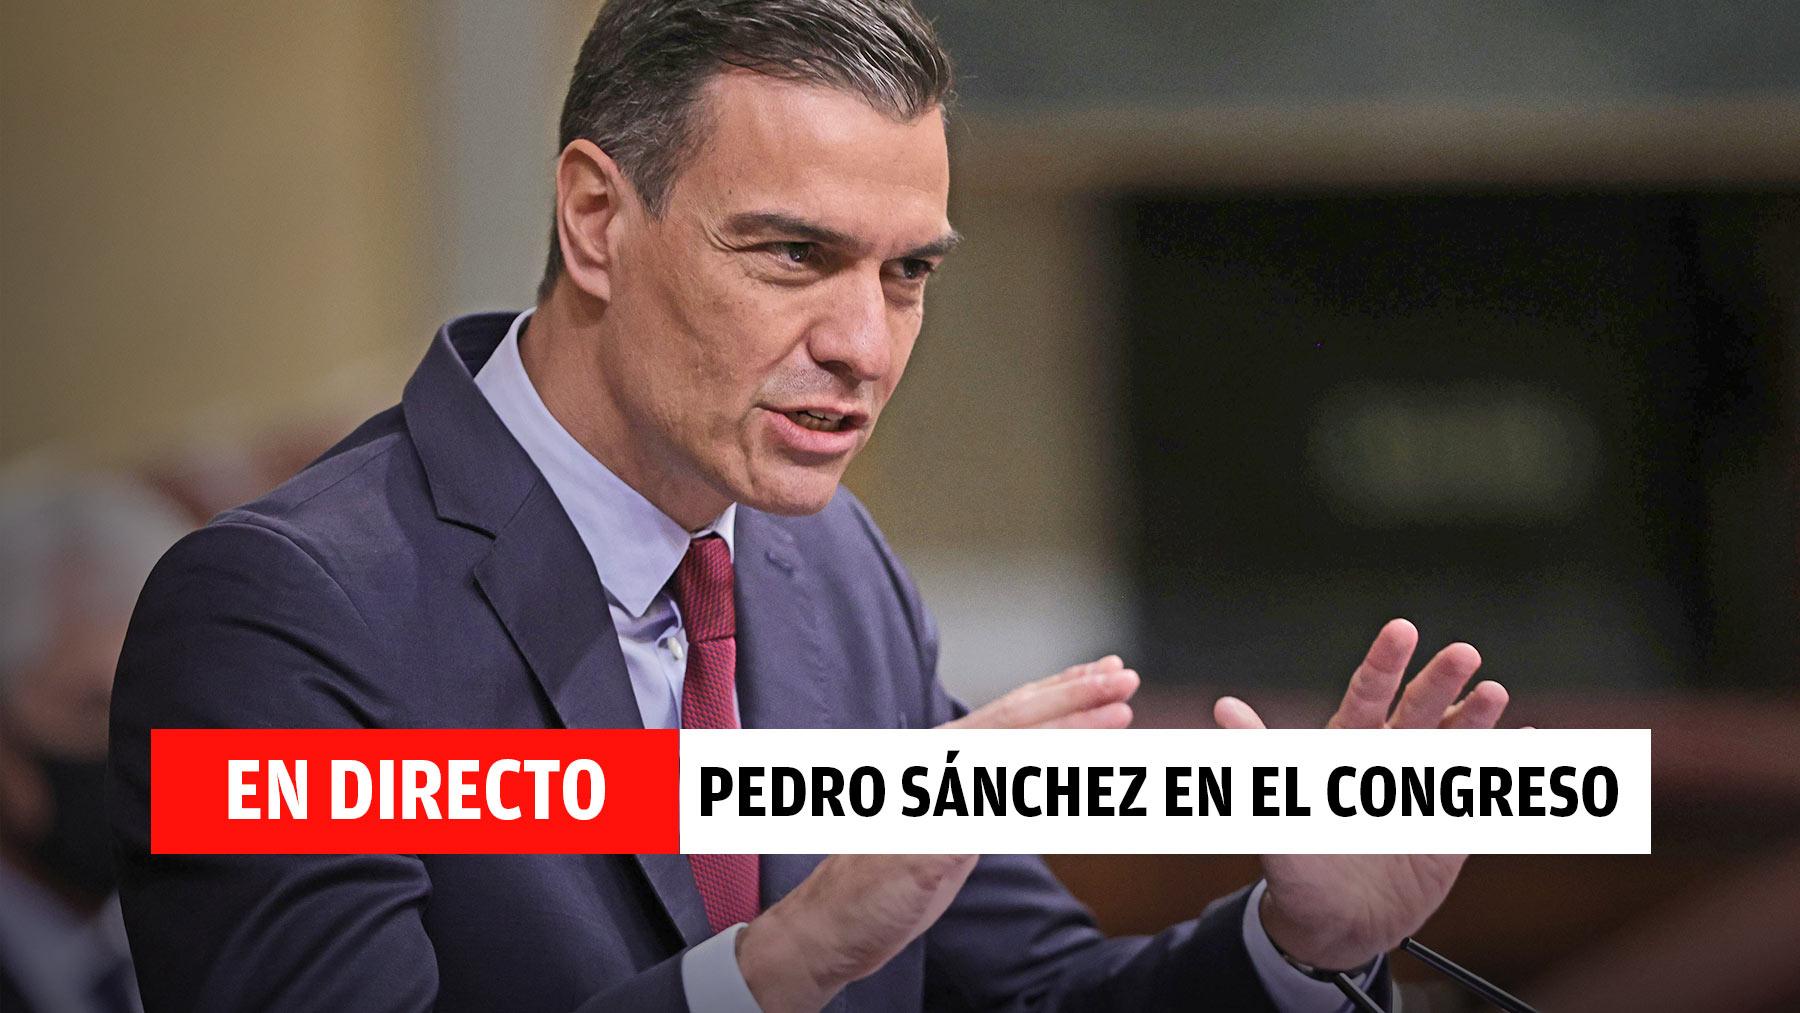 Pedro Sánchez en directo hoy en el Congreso.